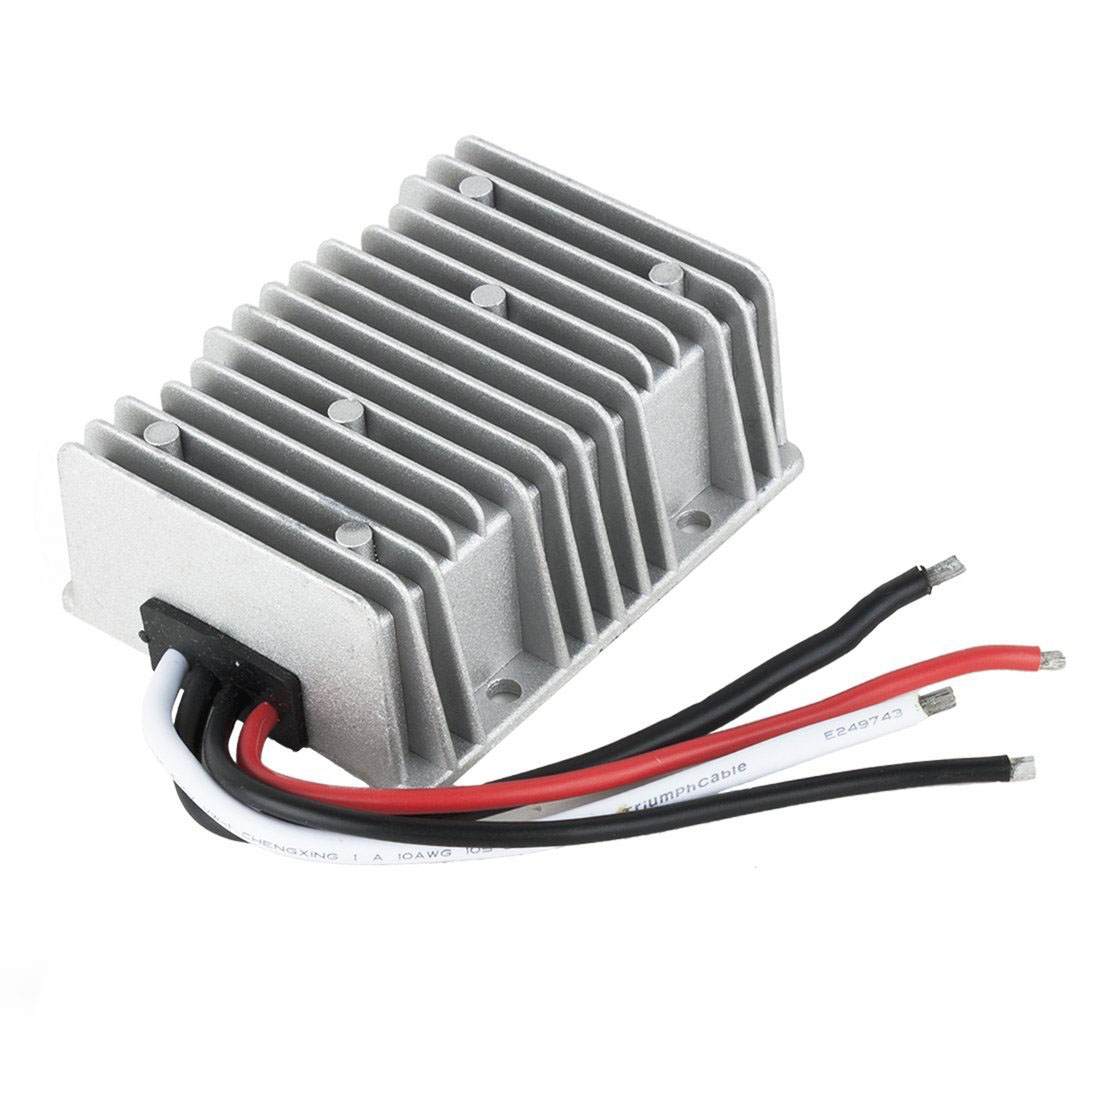 HOT-Waterproof Voltage Converter Regulator DC 24V to DC 12V 40A 480W